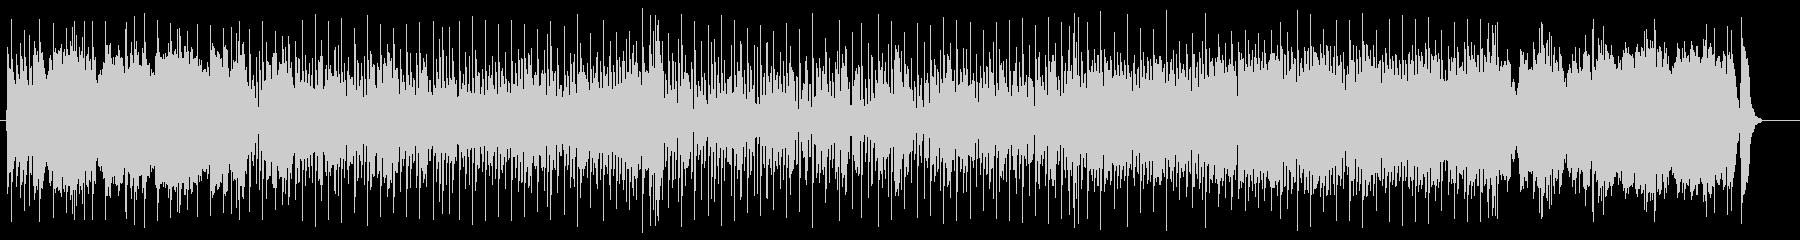 変拍子が楽しいシンセミュージックの未再生の波形